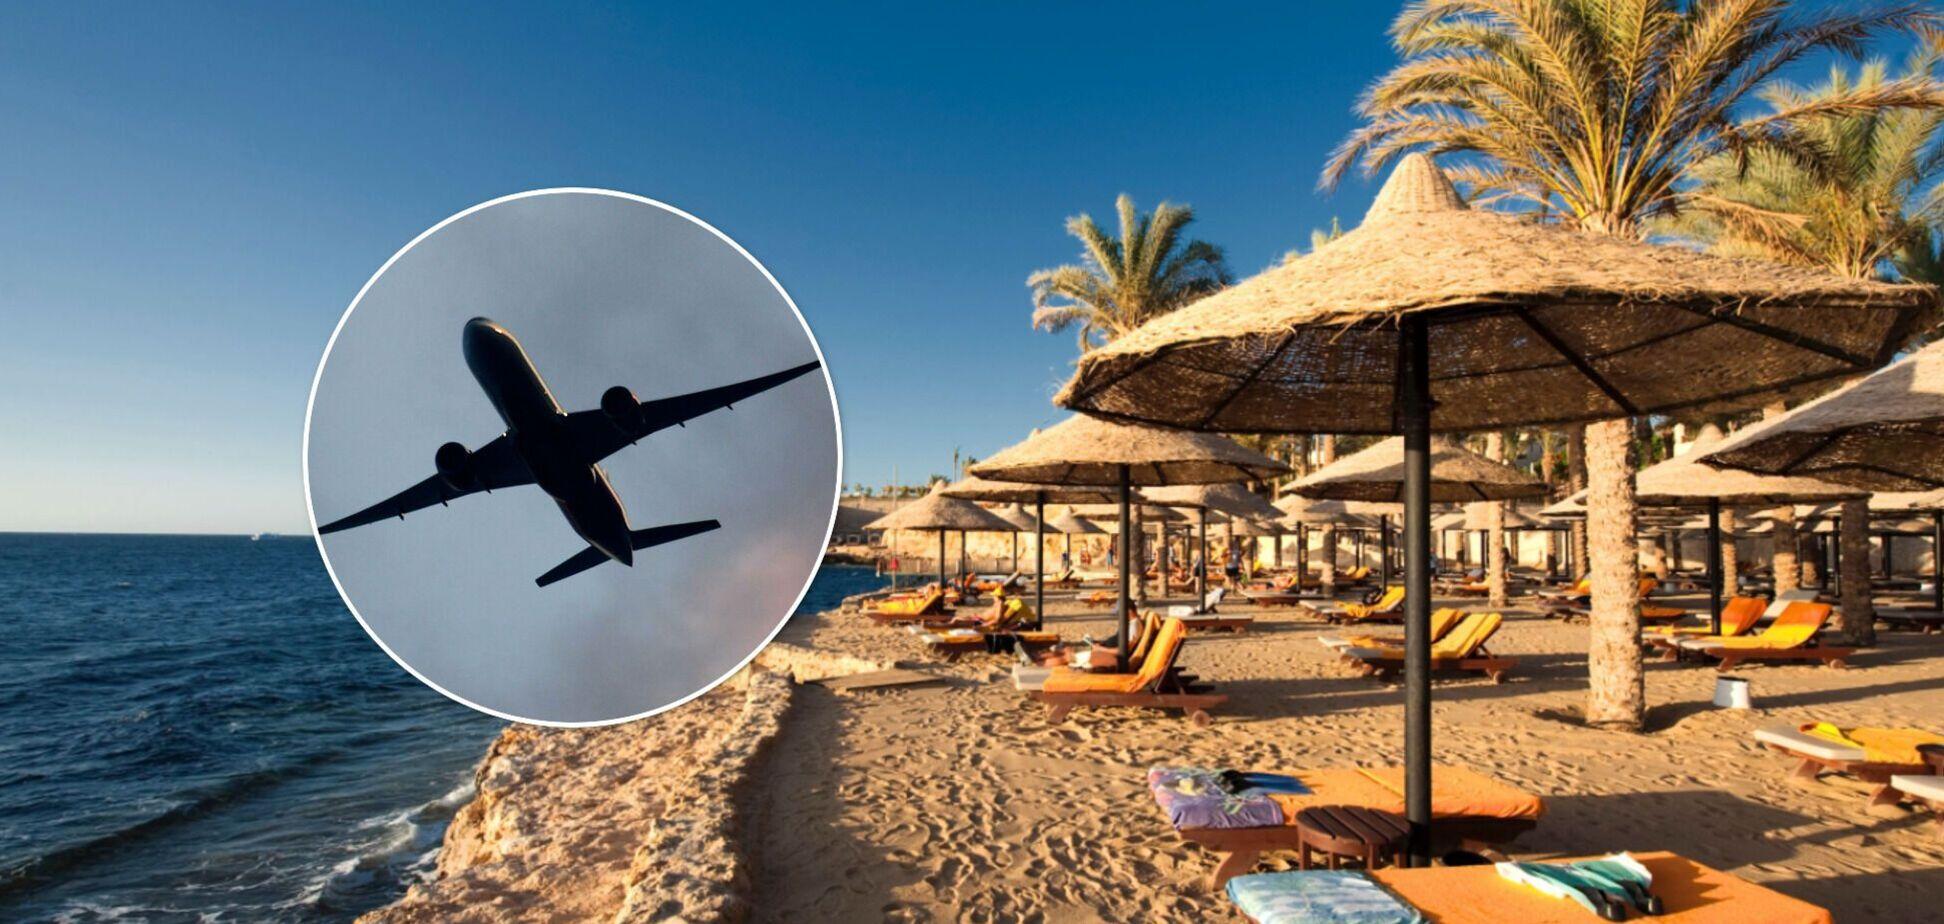 Єгипет знову змінив правила в'їзду для туристів через мутації COVID-19